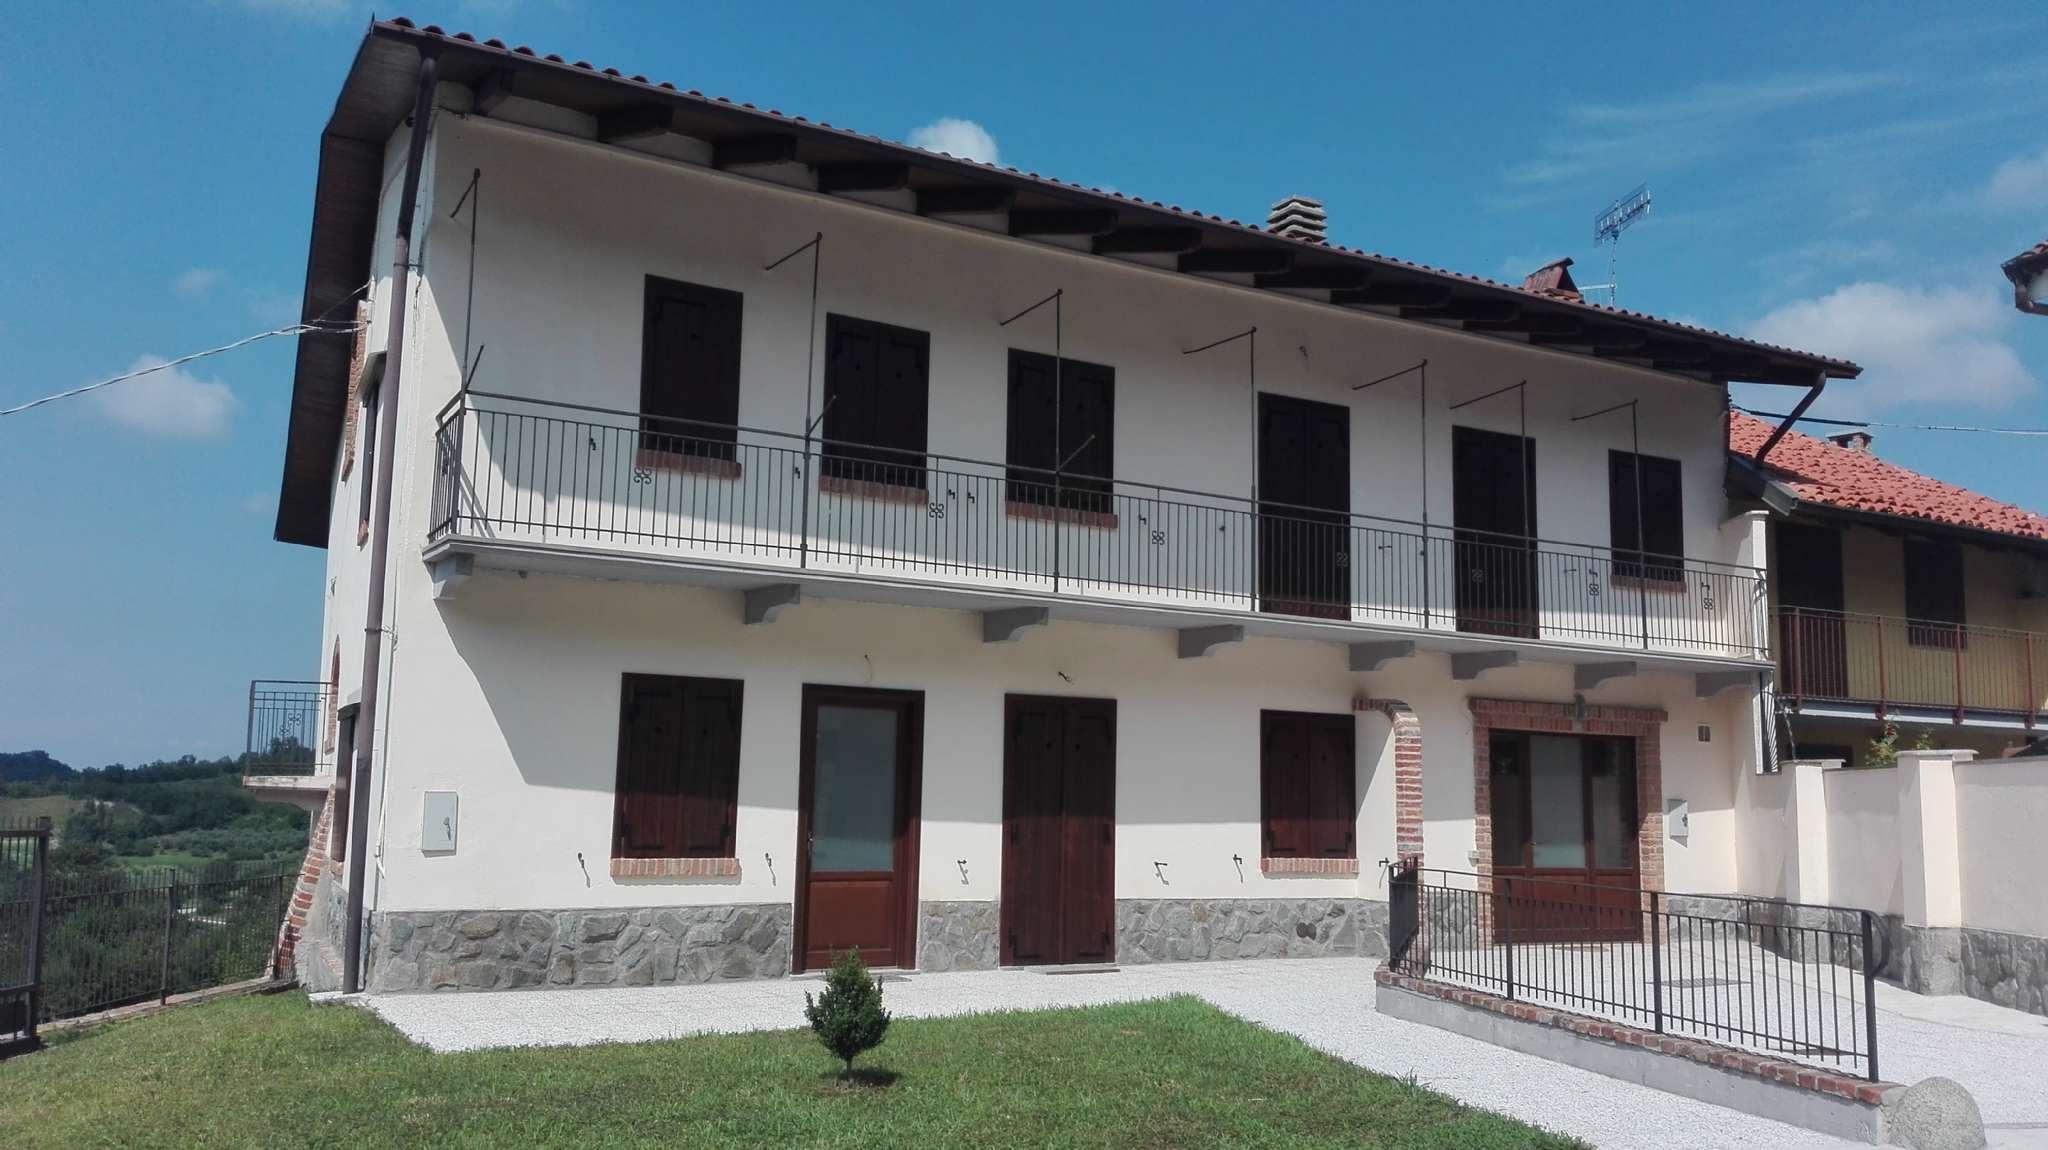 Soluzione Indipendente in vendita a Berzano di San Pietro, 8 locali, prezzo € 295.000 | PortaleAgenzieImmobiliari.it